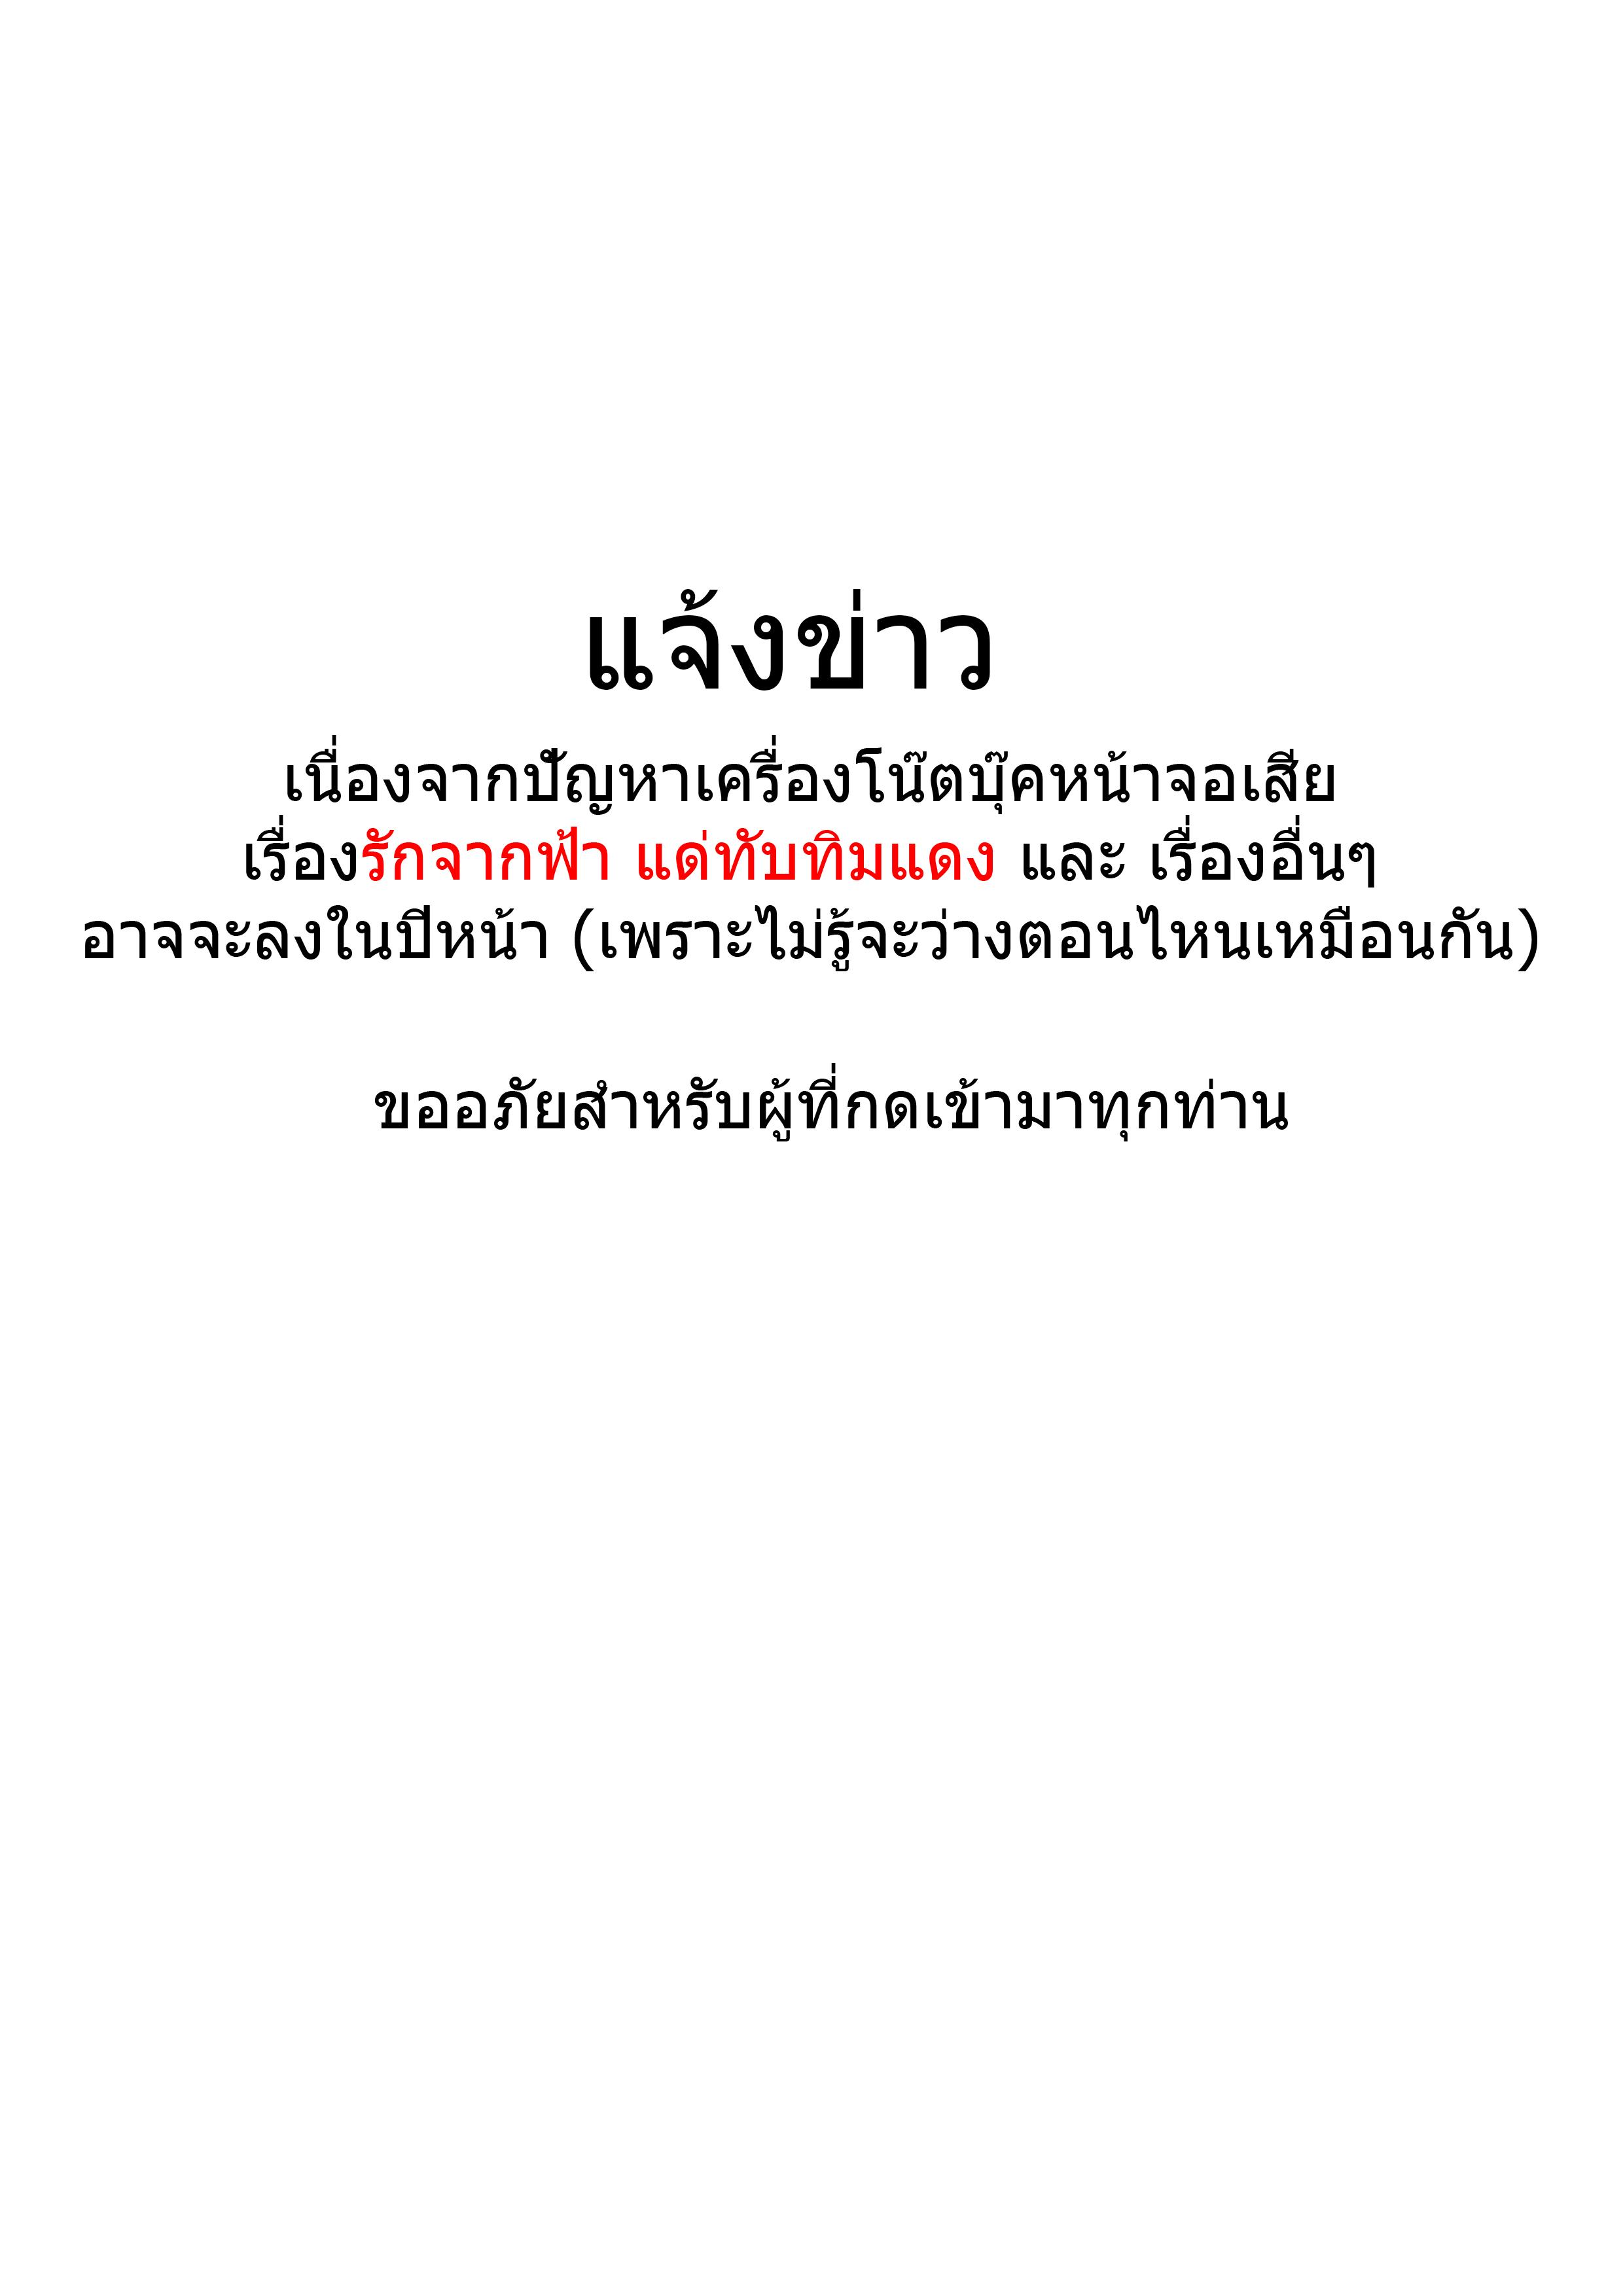 - - แจ้งข่าว